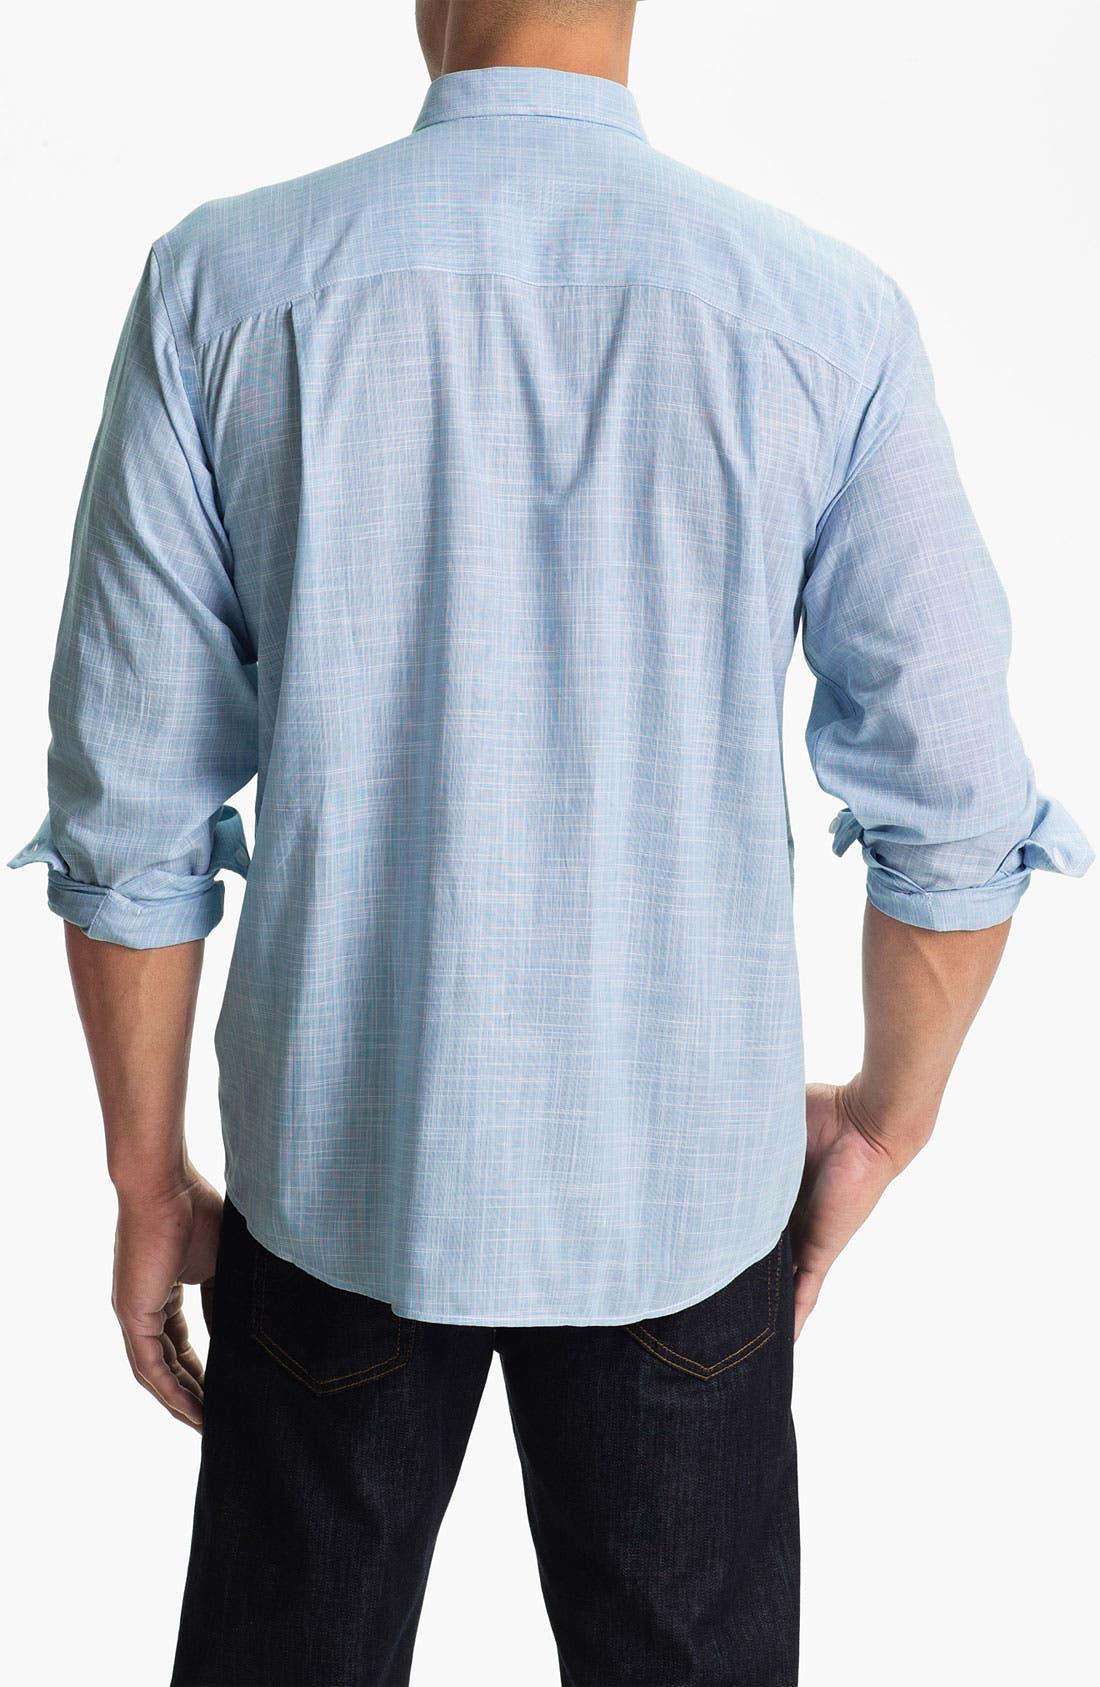 Alternate Image 2  - Cutter & Buck 'Blue Ridge Solid' Regular Fit Sport Shirt (Online Only)